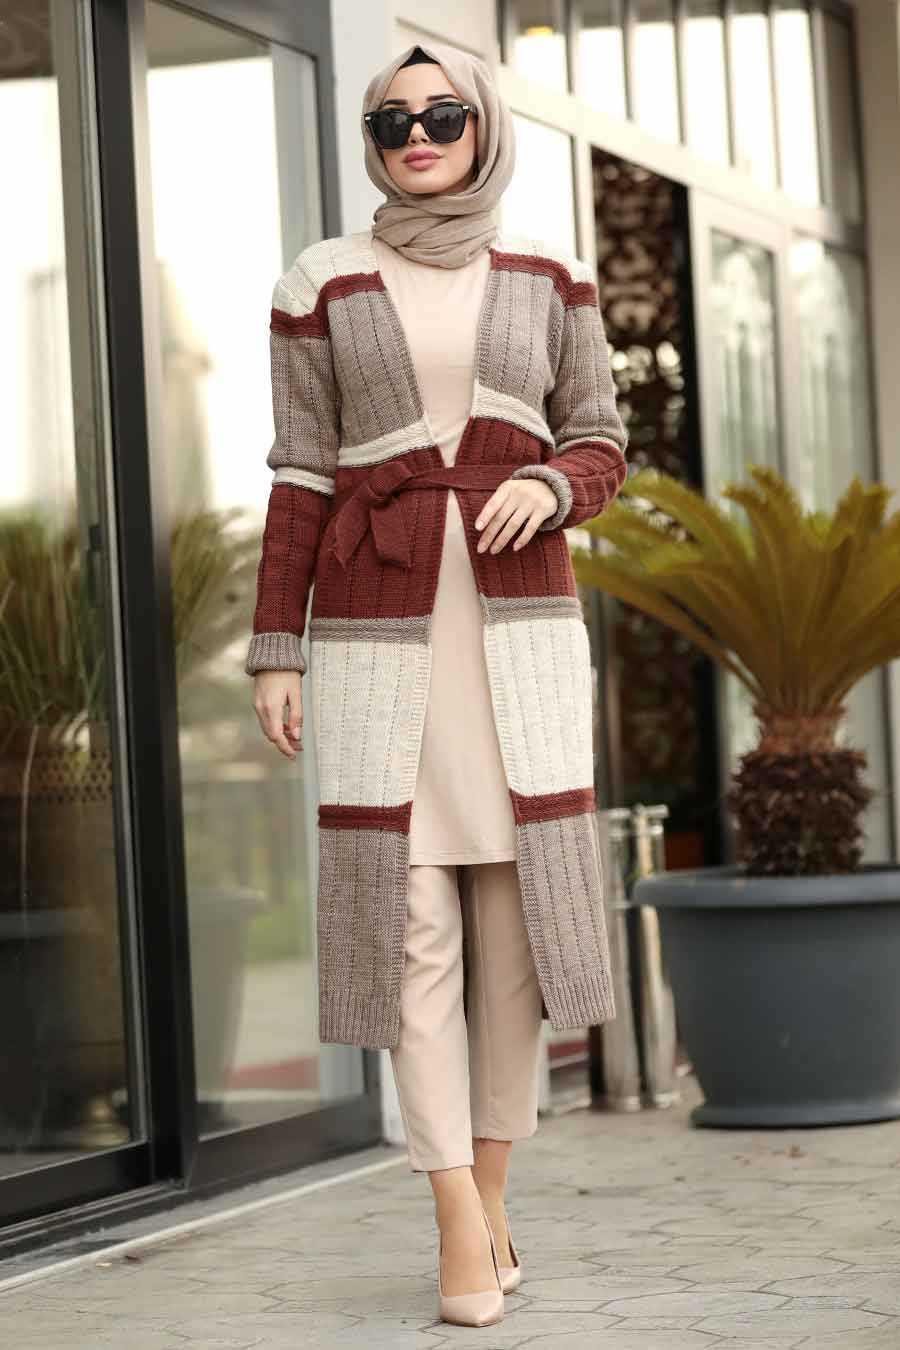 mink hijab knitwear cardigan 20141V